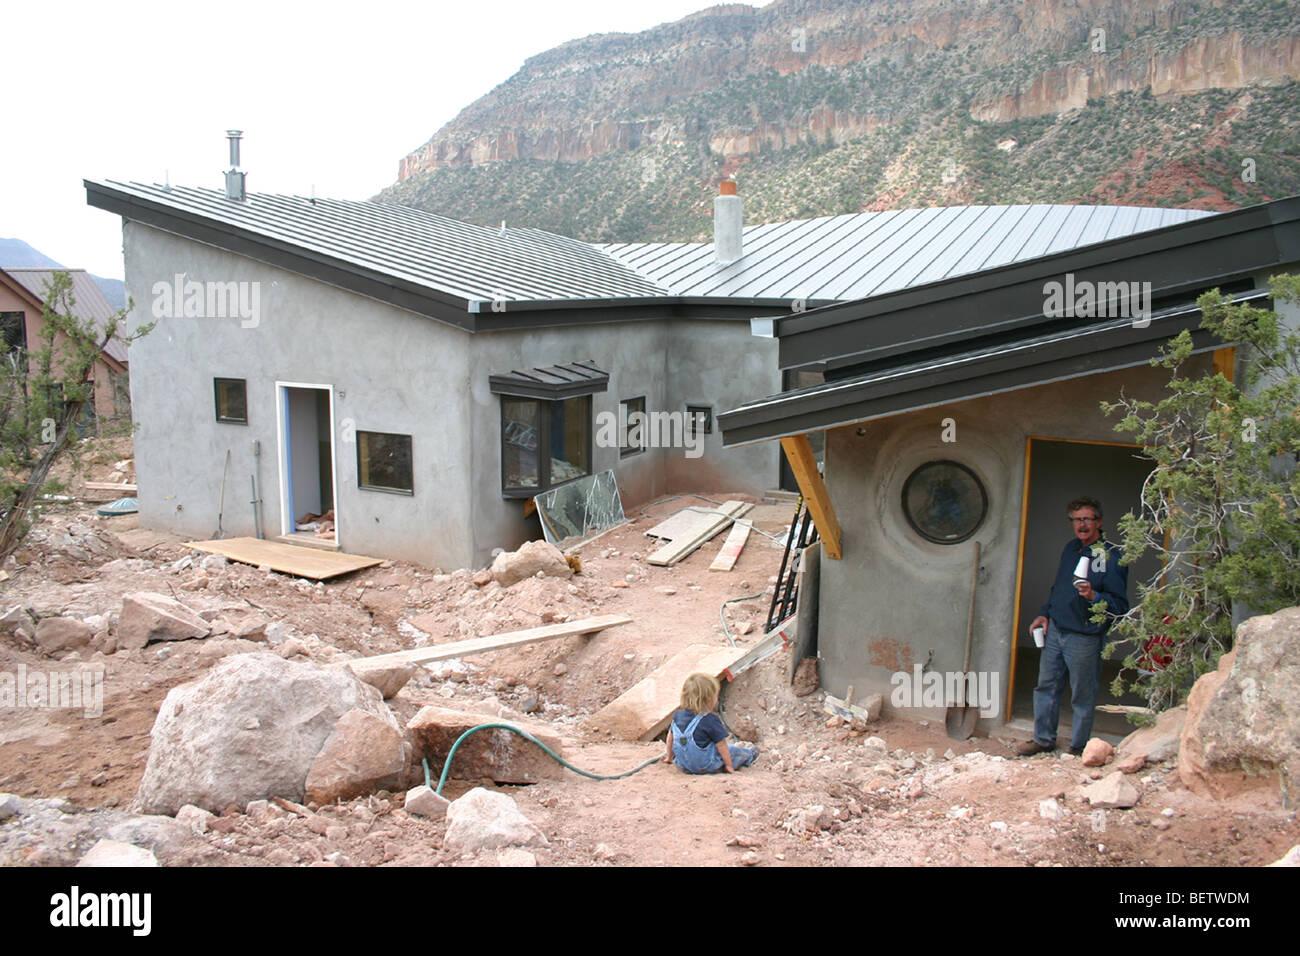 Zuhause in den Bergen von Jemez, New Mexico, USA, Stroh Kaution und ...